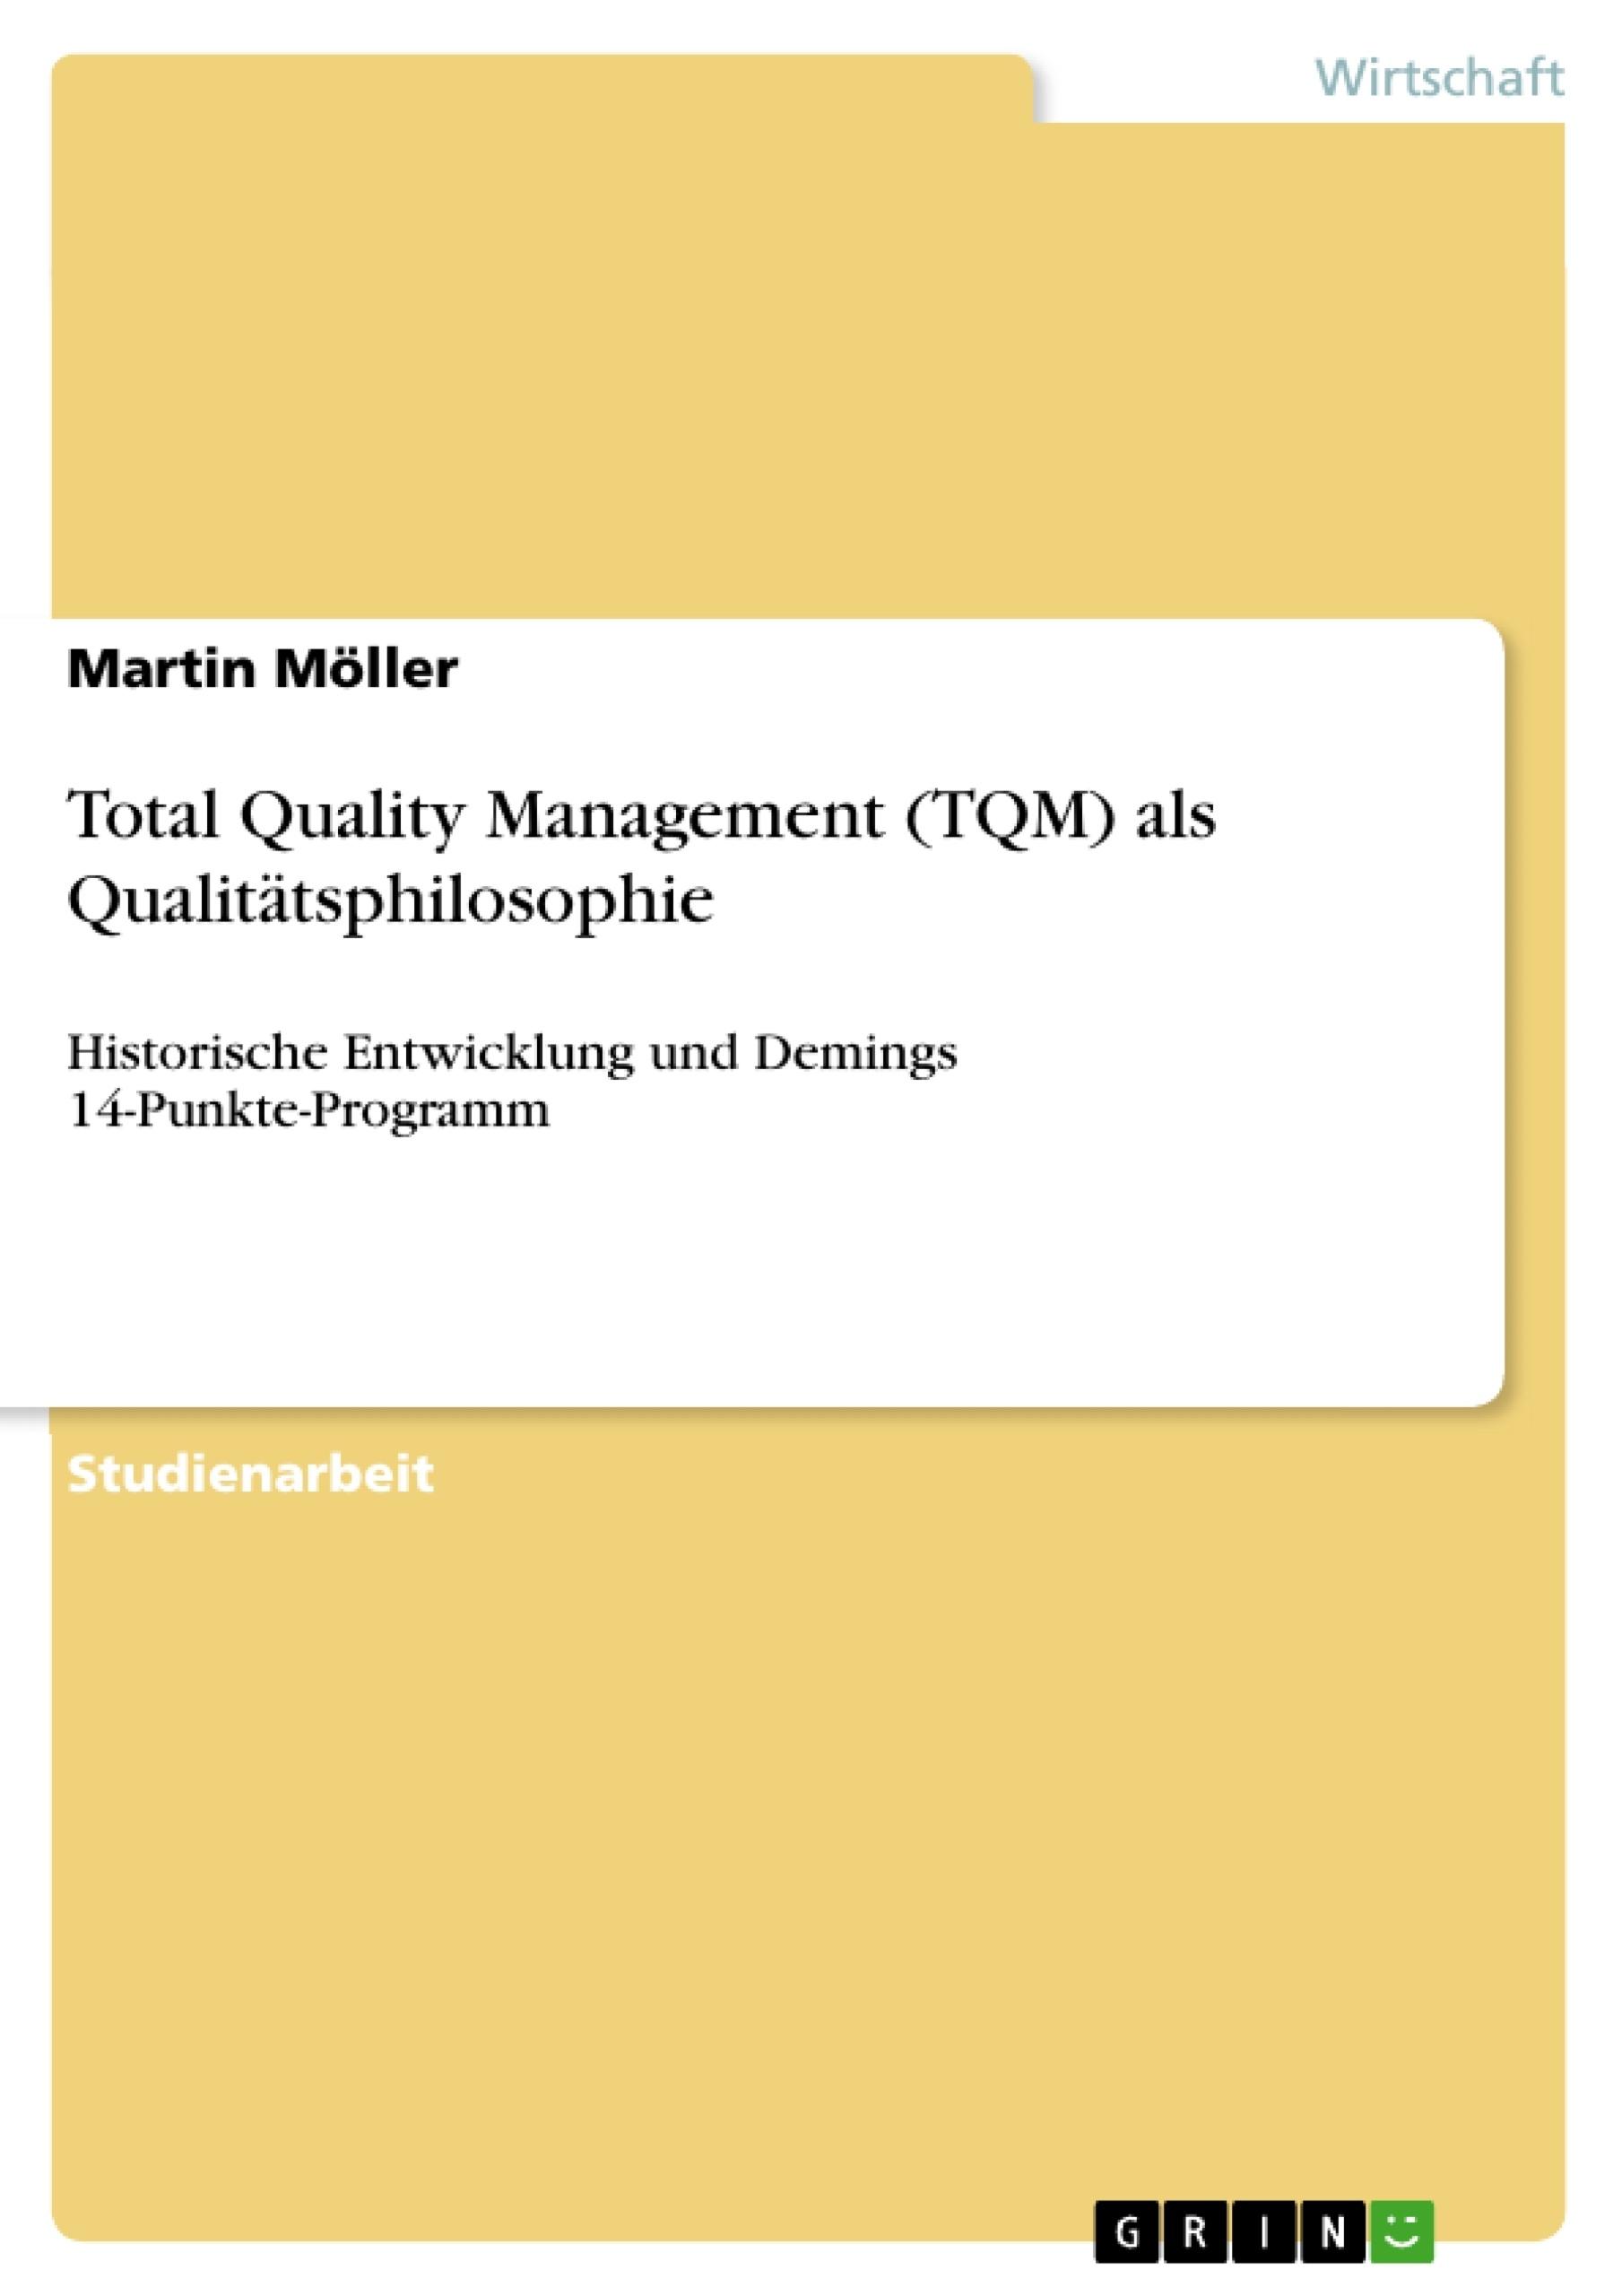 Titel: Total Quality Management (TQM) als Qualitätsphilosophie